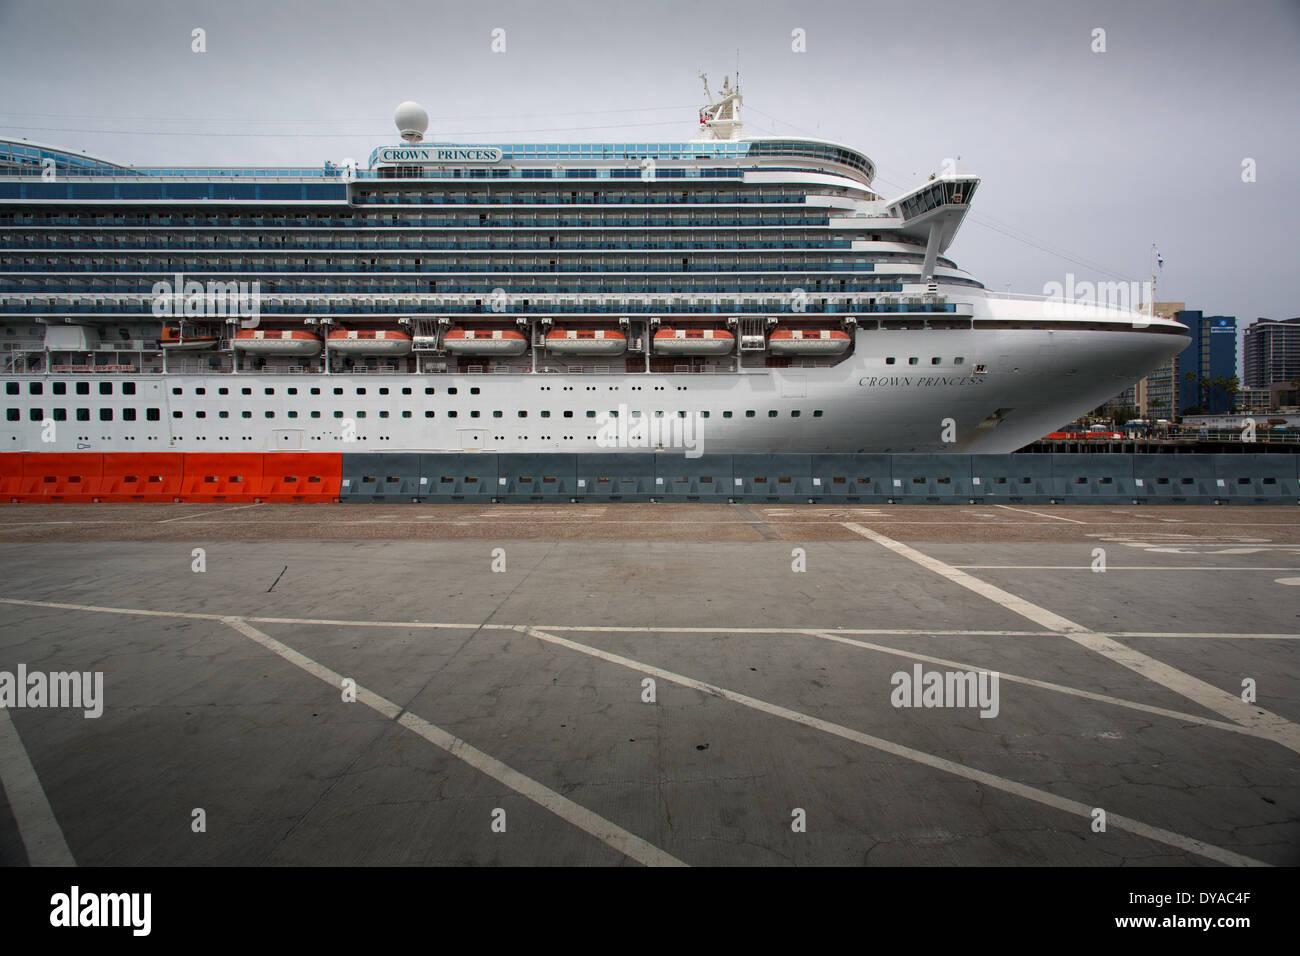 Während einer 7-tägigen Reise starrte in LA bekam 94 Passagiere und 23 Besatzungsmitglieder an Bord des Kreuzfahrtschiffes Kronprinzessin am 10. April 2014 durch das hoch ansteckende Norovirus geschlagen. Stockbild